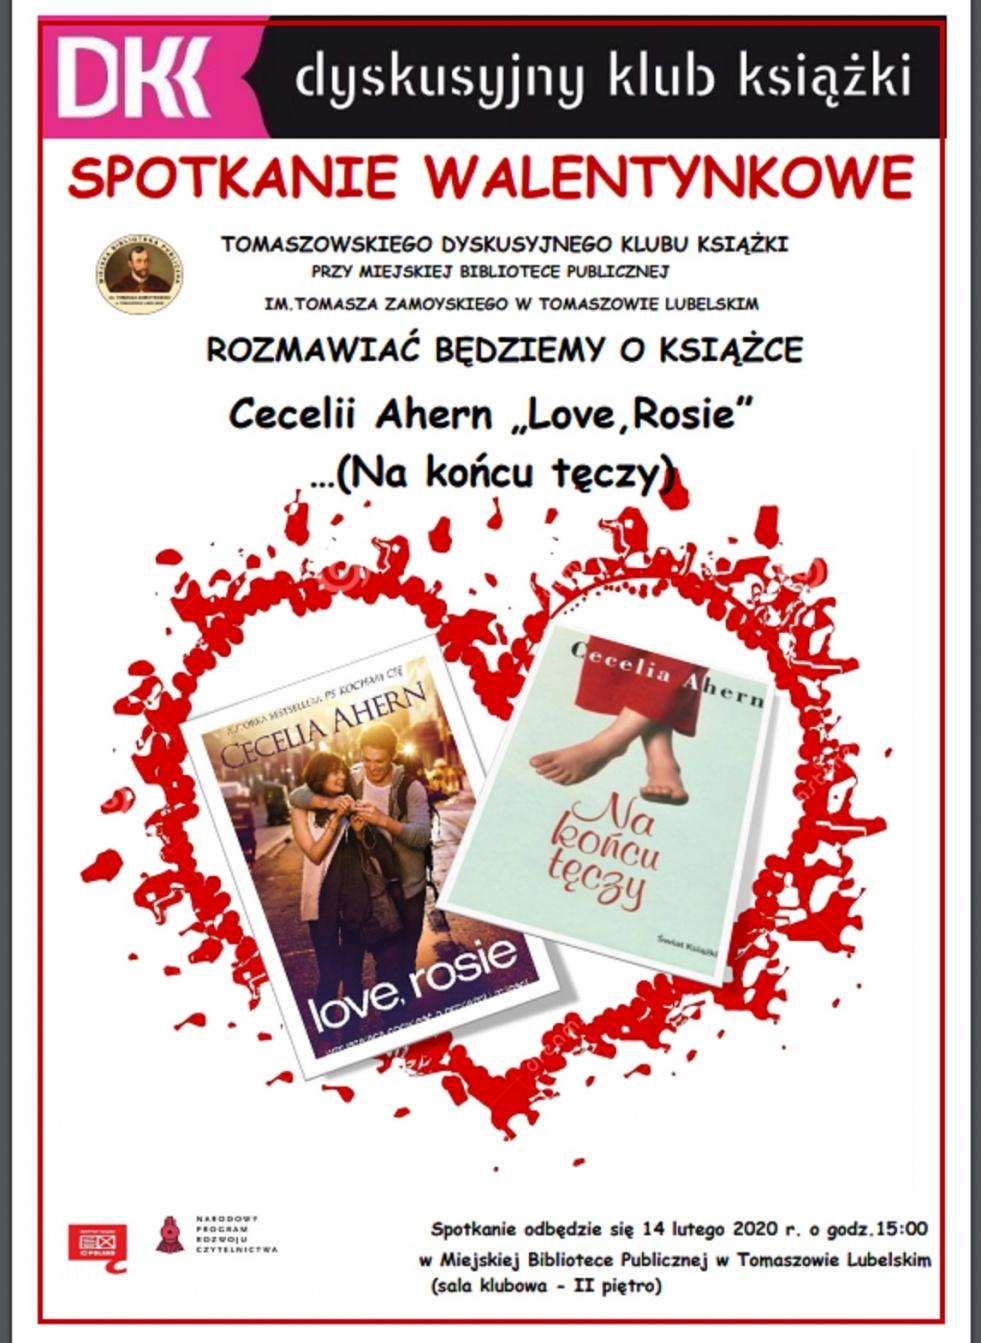 Książka o miłości w MBP w Tomaszowie